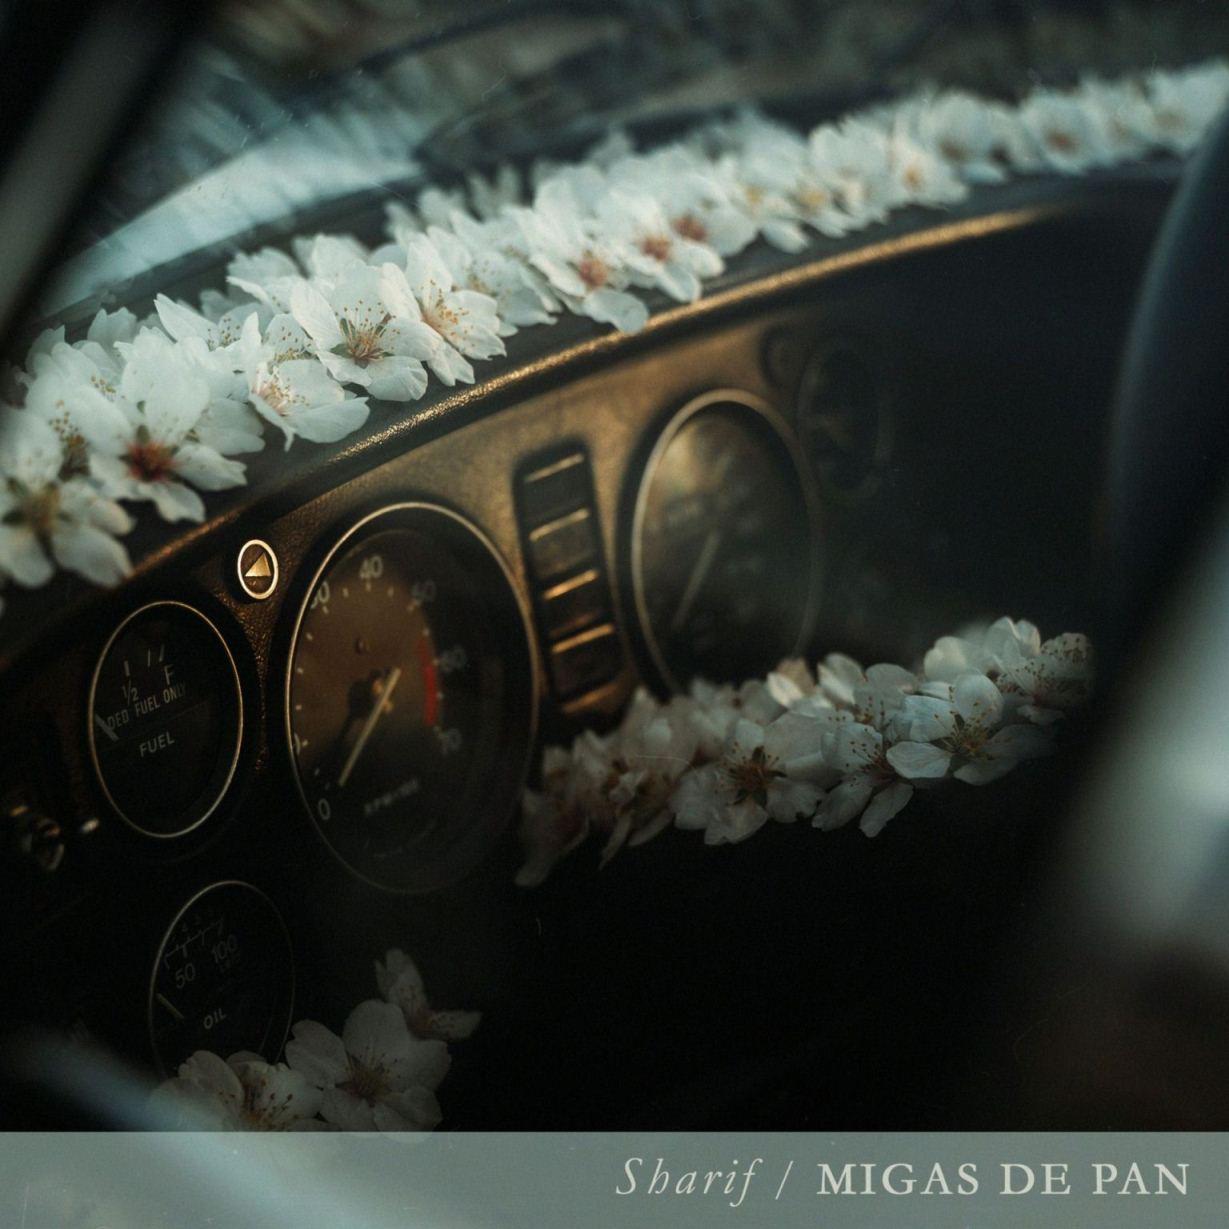 Sharif - Migas de pan (Portada) low